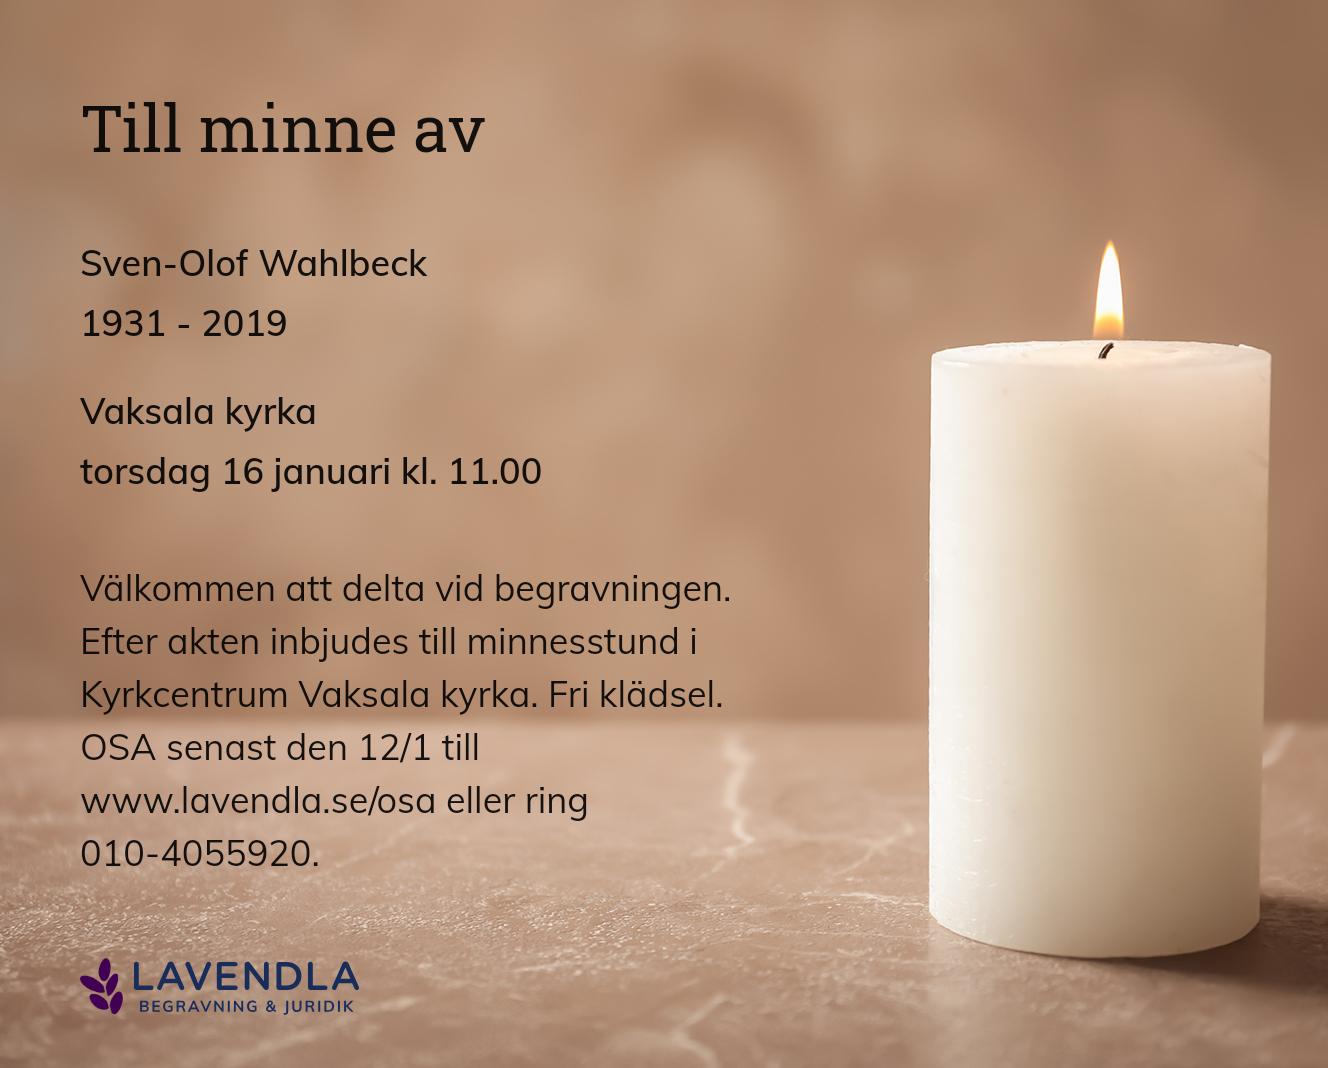 Inbjudningskort till ceremonin för Sven-Olof Wahlbeck